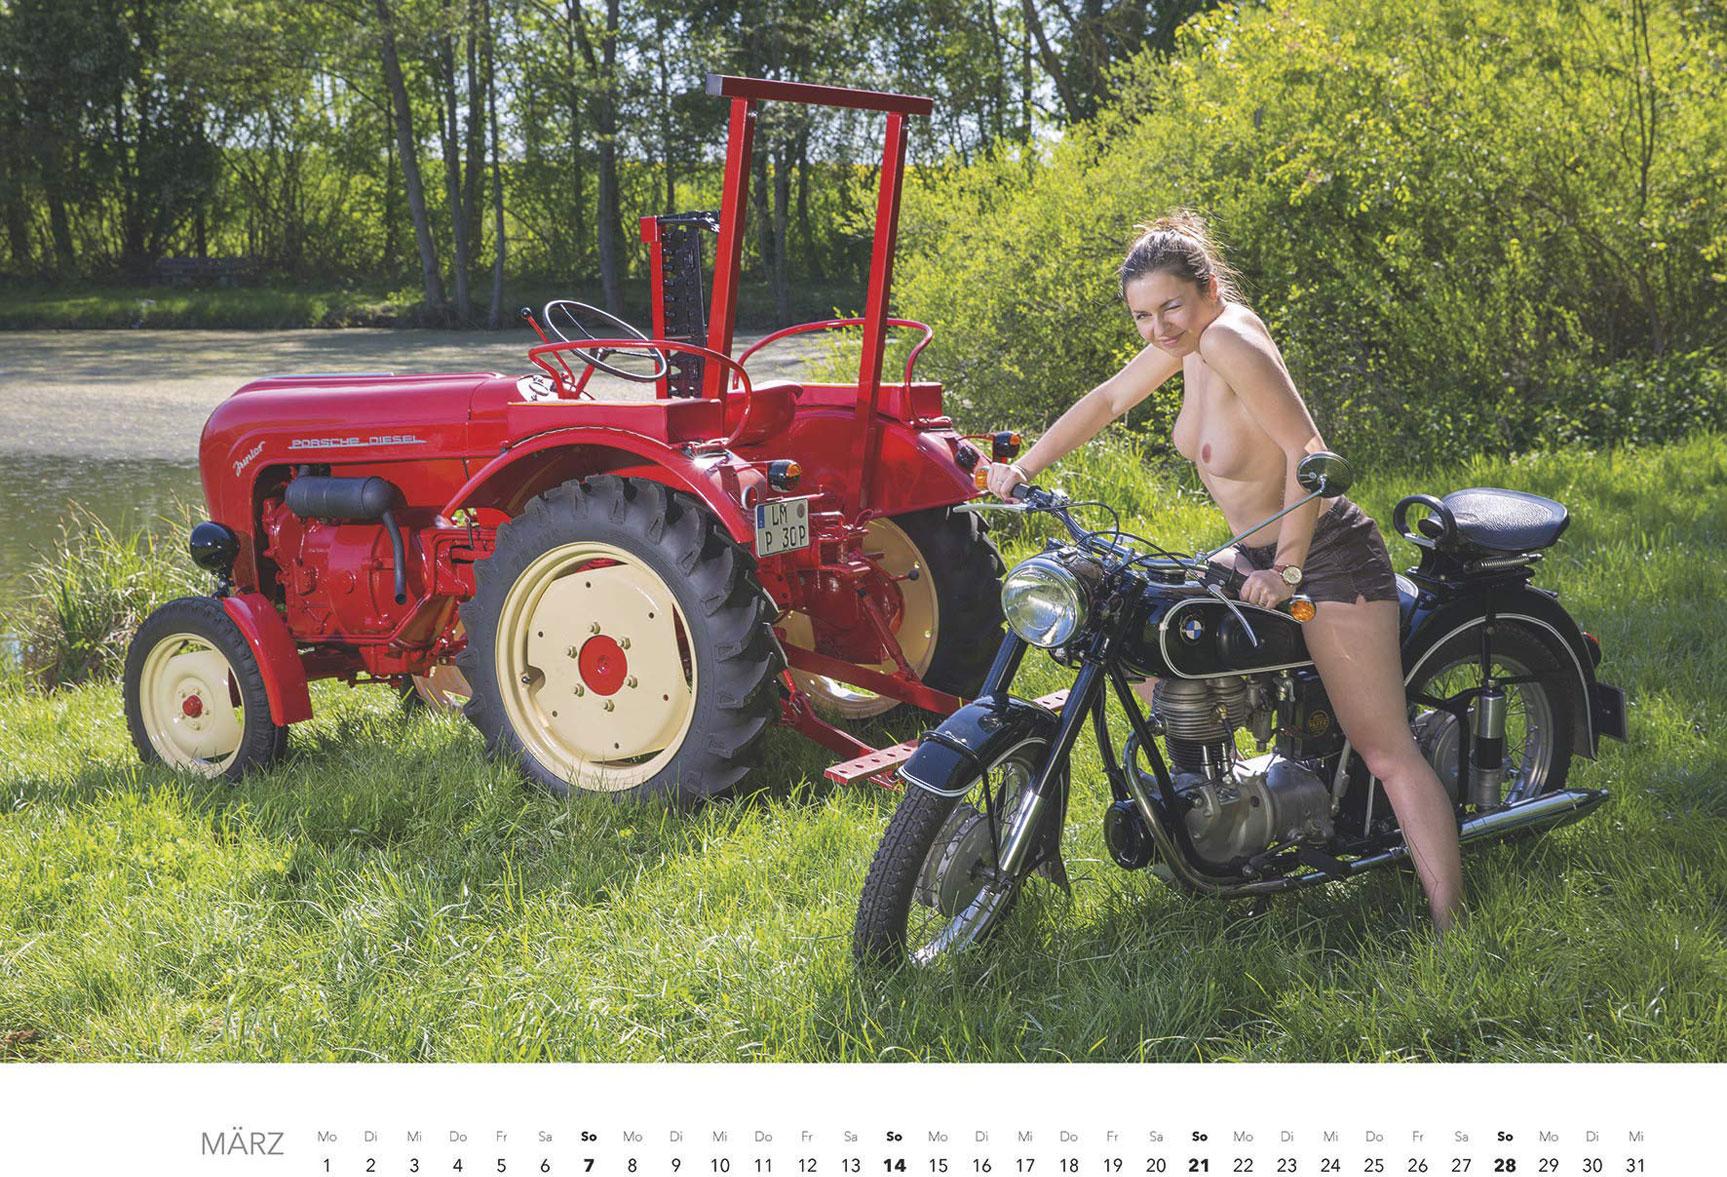 Эротический календарь -Мечты молодых фермеров 2021- / март